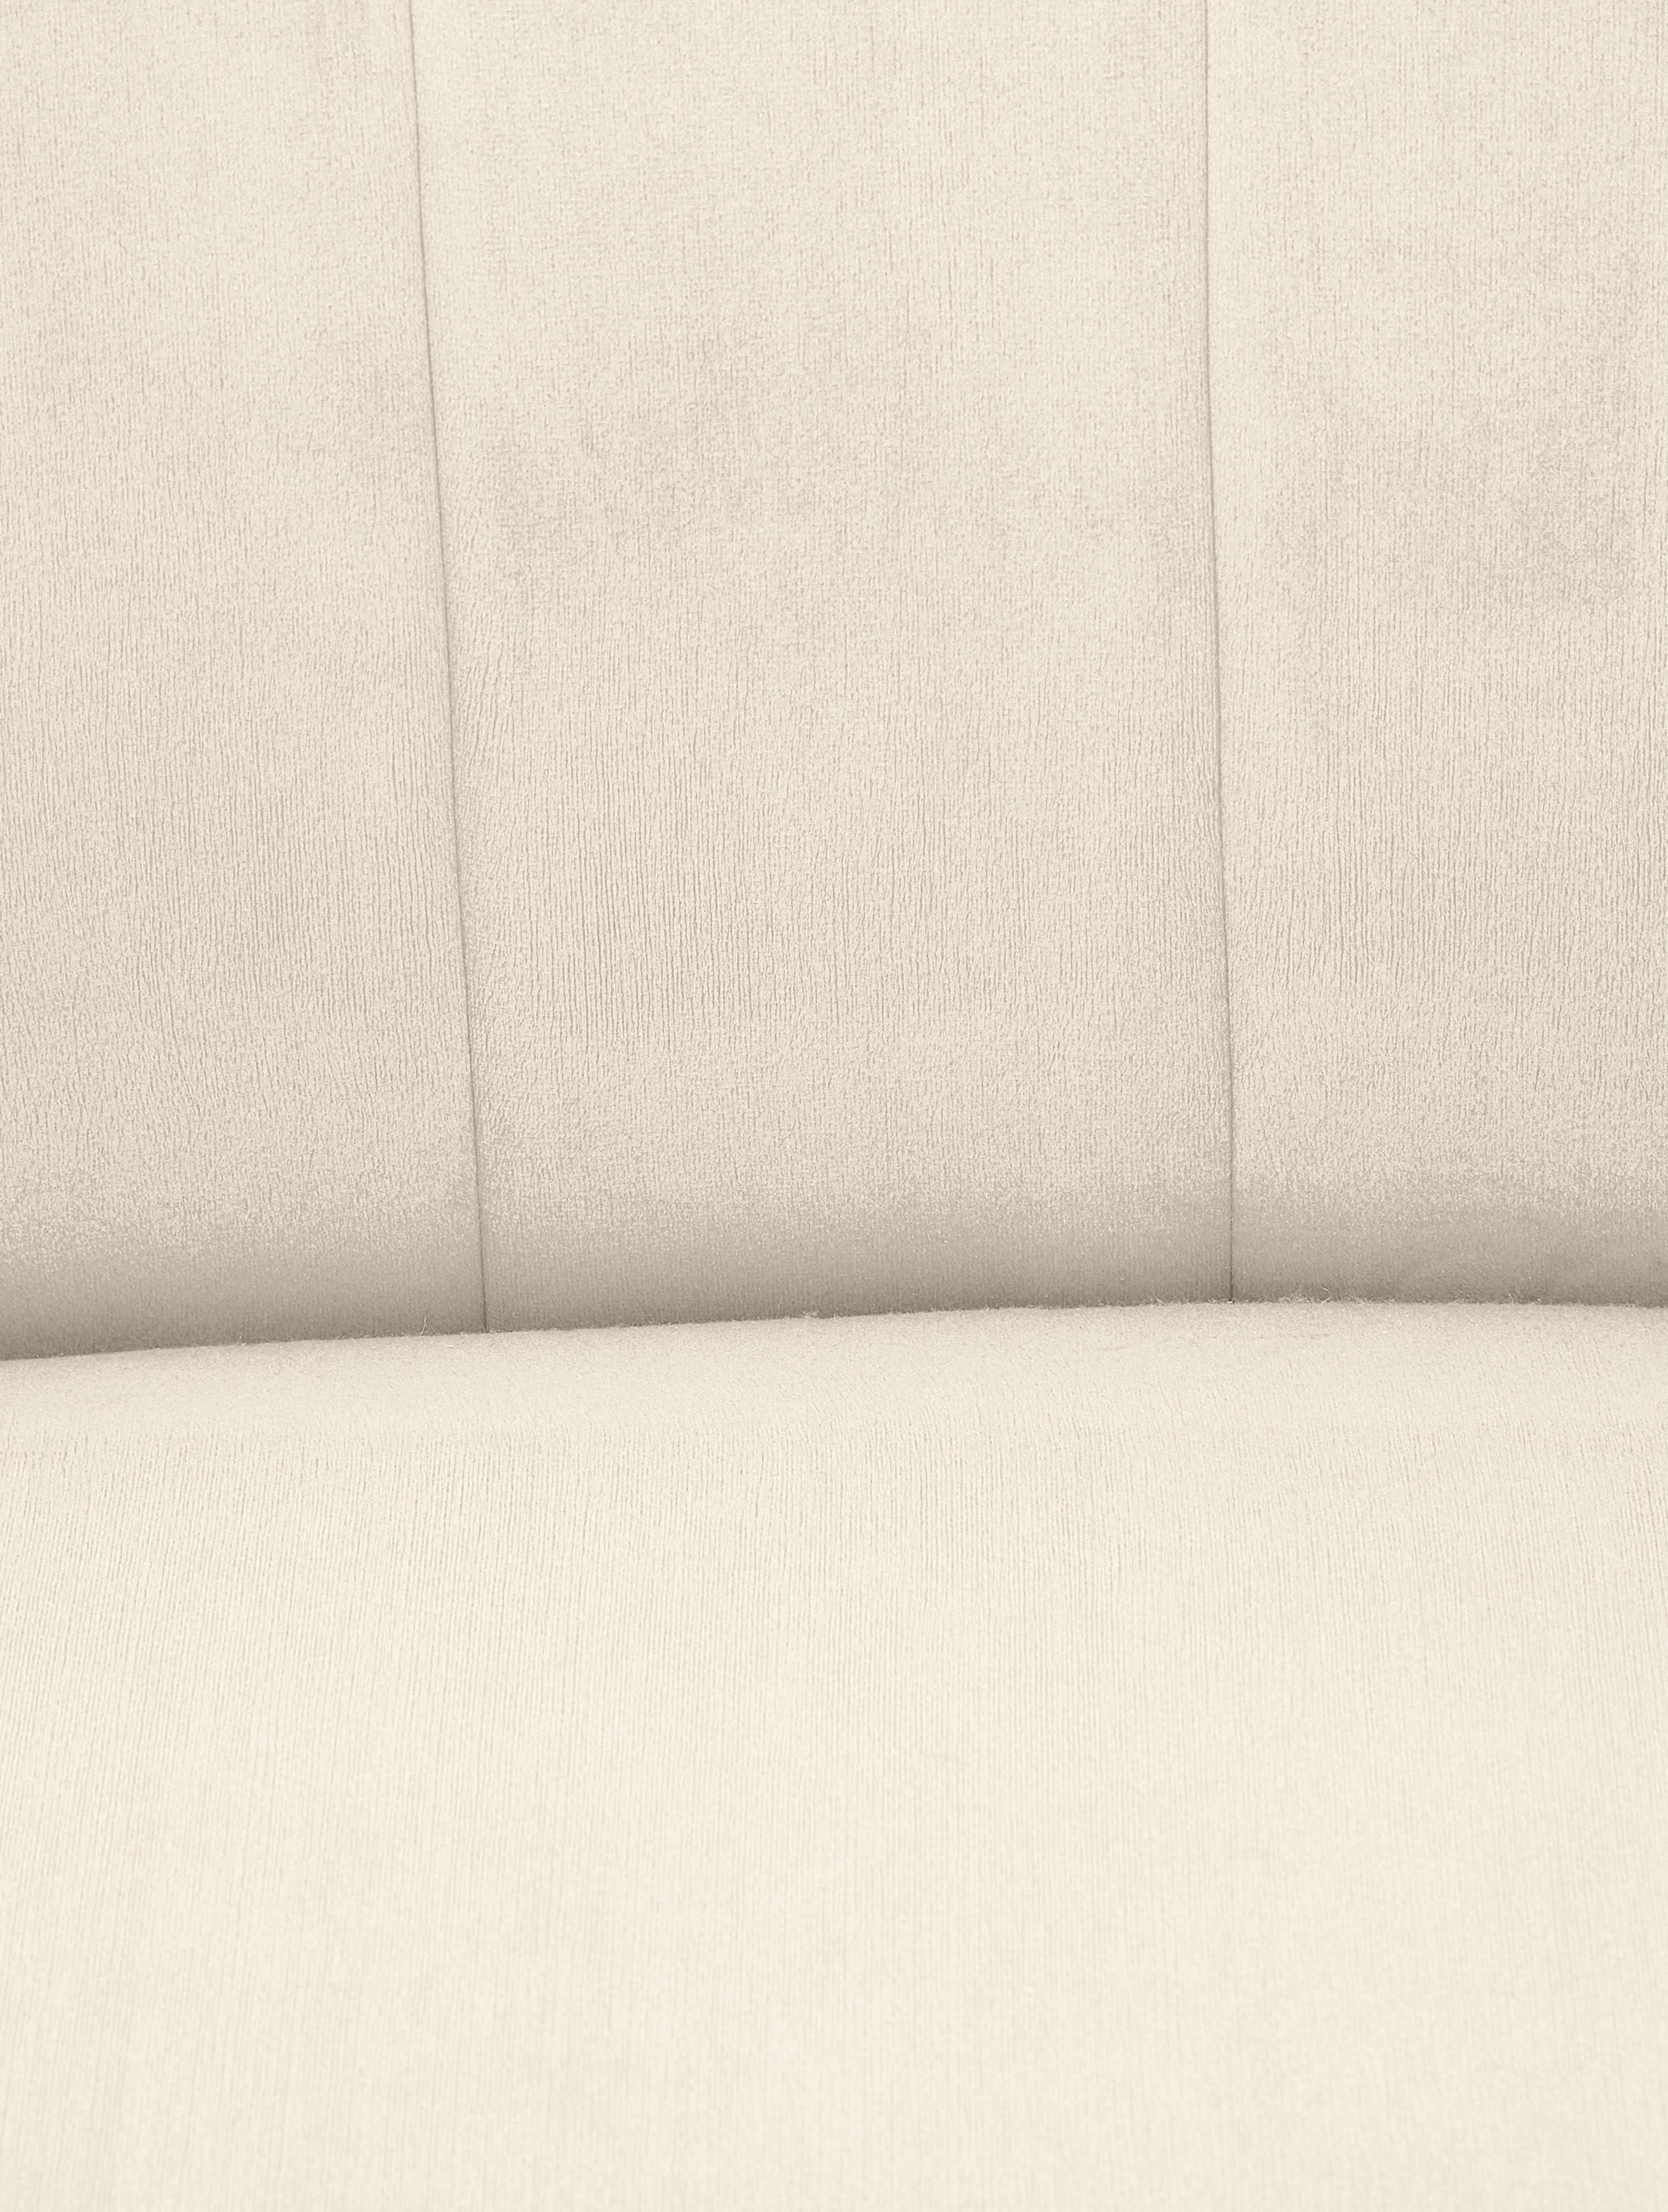 Samt-Cocktailsessel Emilie, Bezug: Samt (Polyester) 50.000 S, Samt Beige, B 75 x T 76 cm